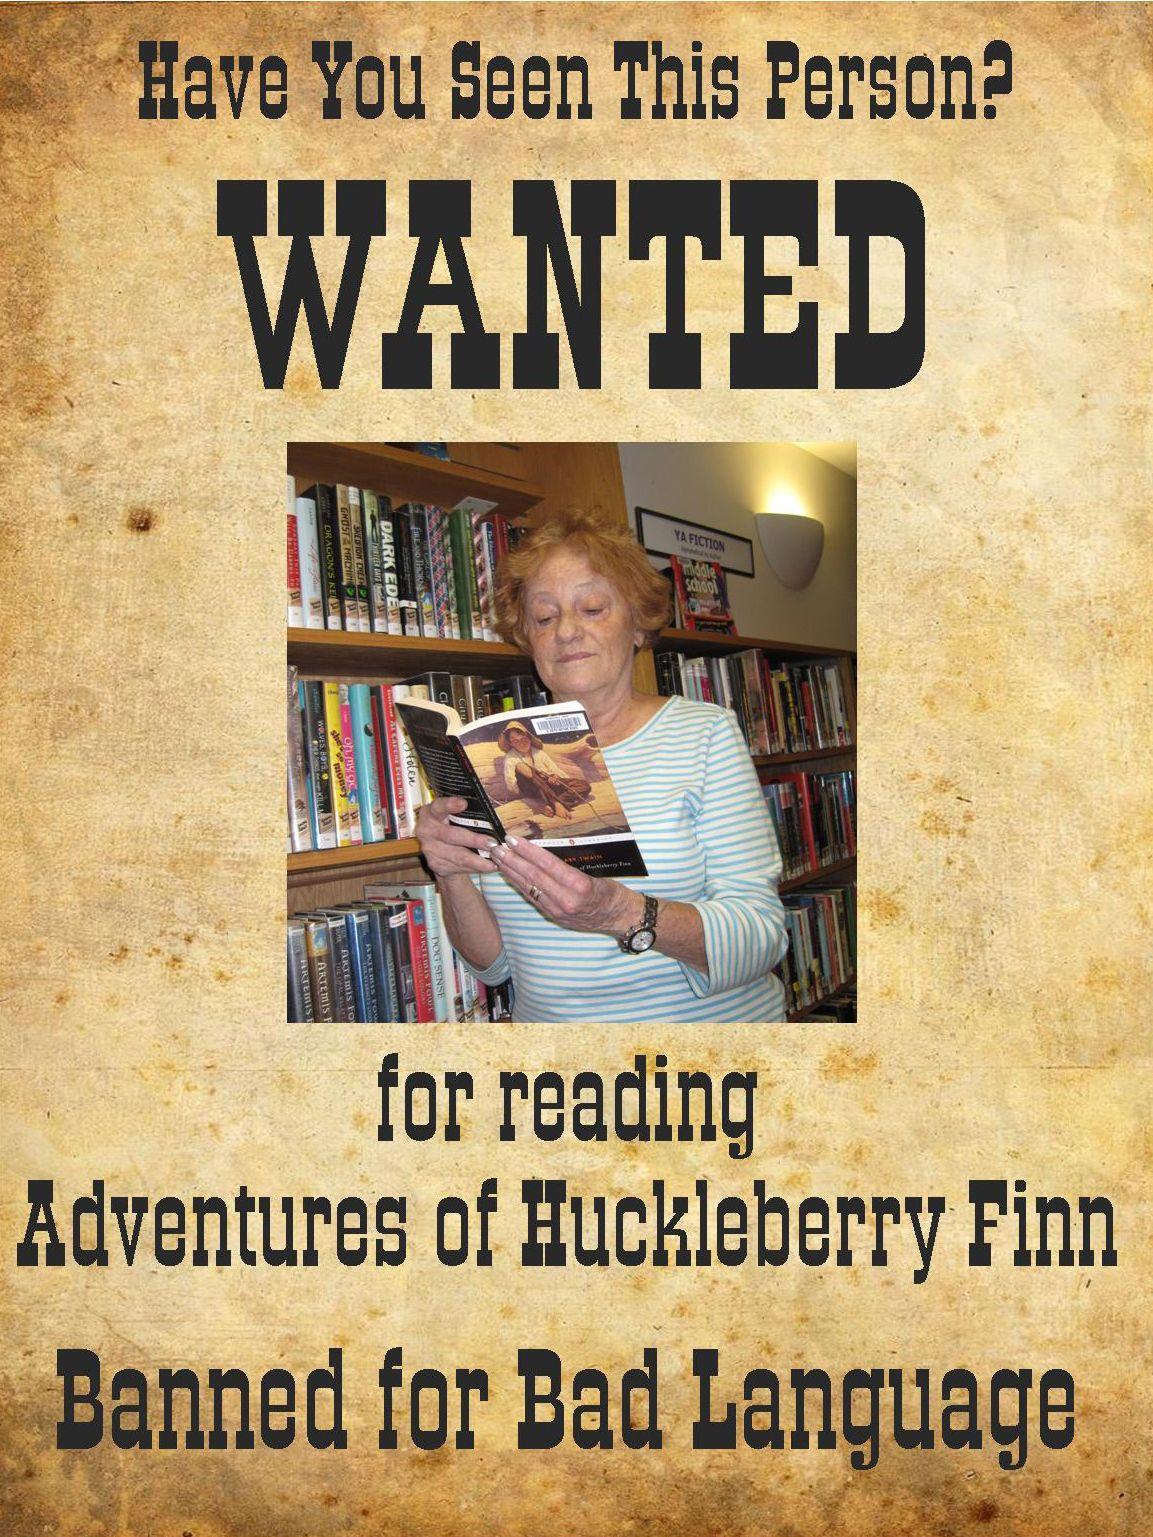 Adventures of huckleberry finn by mark twain banned